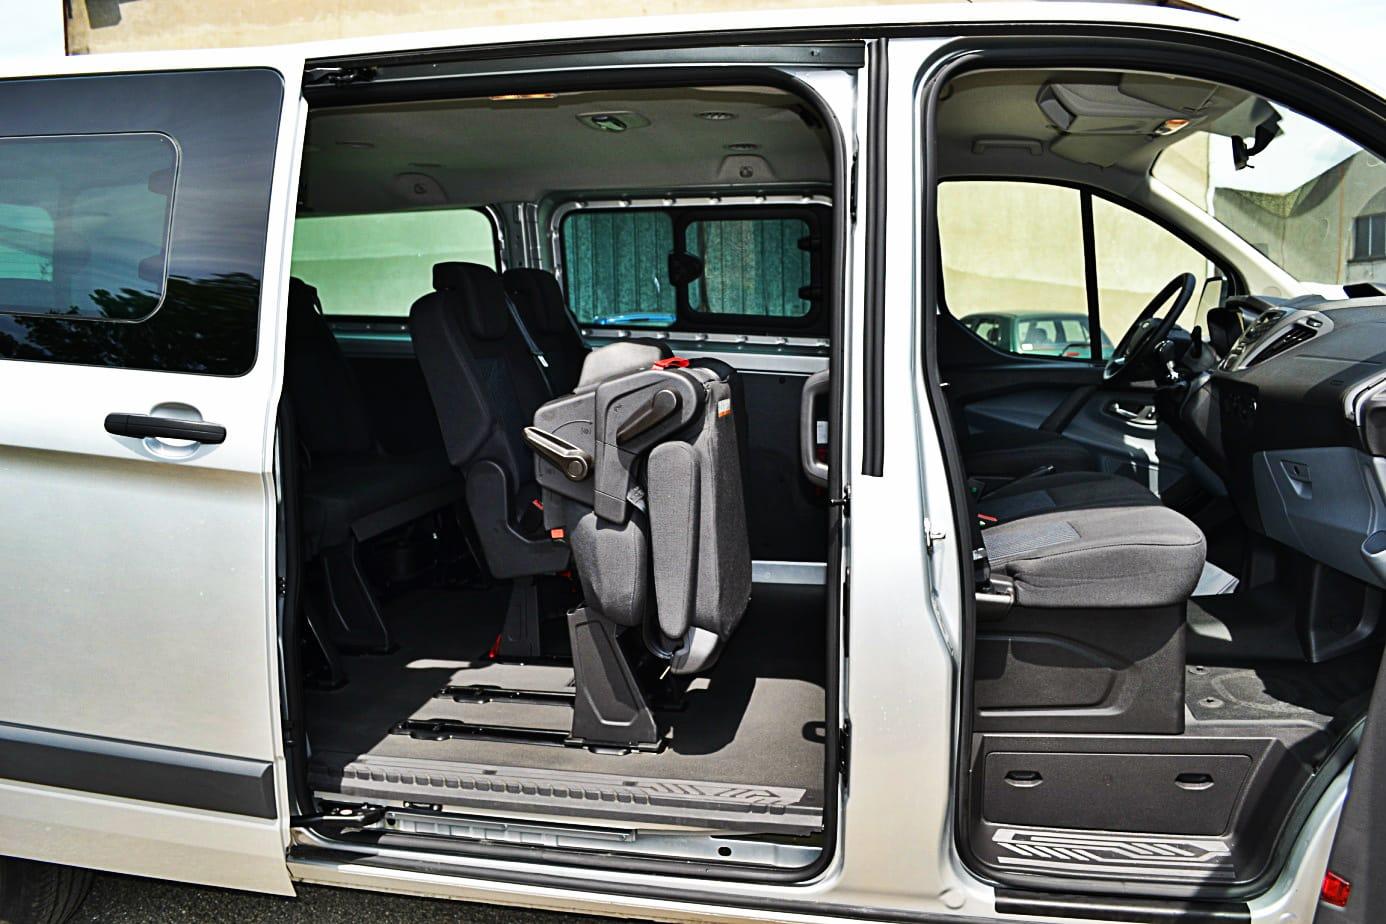 location de mini bus utilitaire et voiture sans permis montauban 82. Black Bedroom Furniture Sets. Home Design Ideas